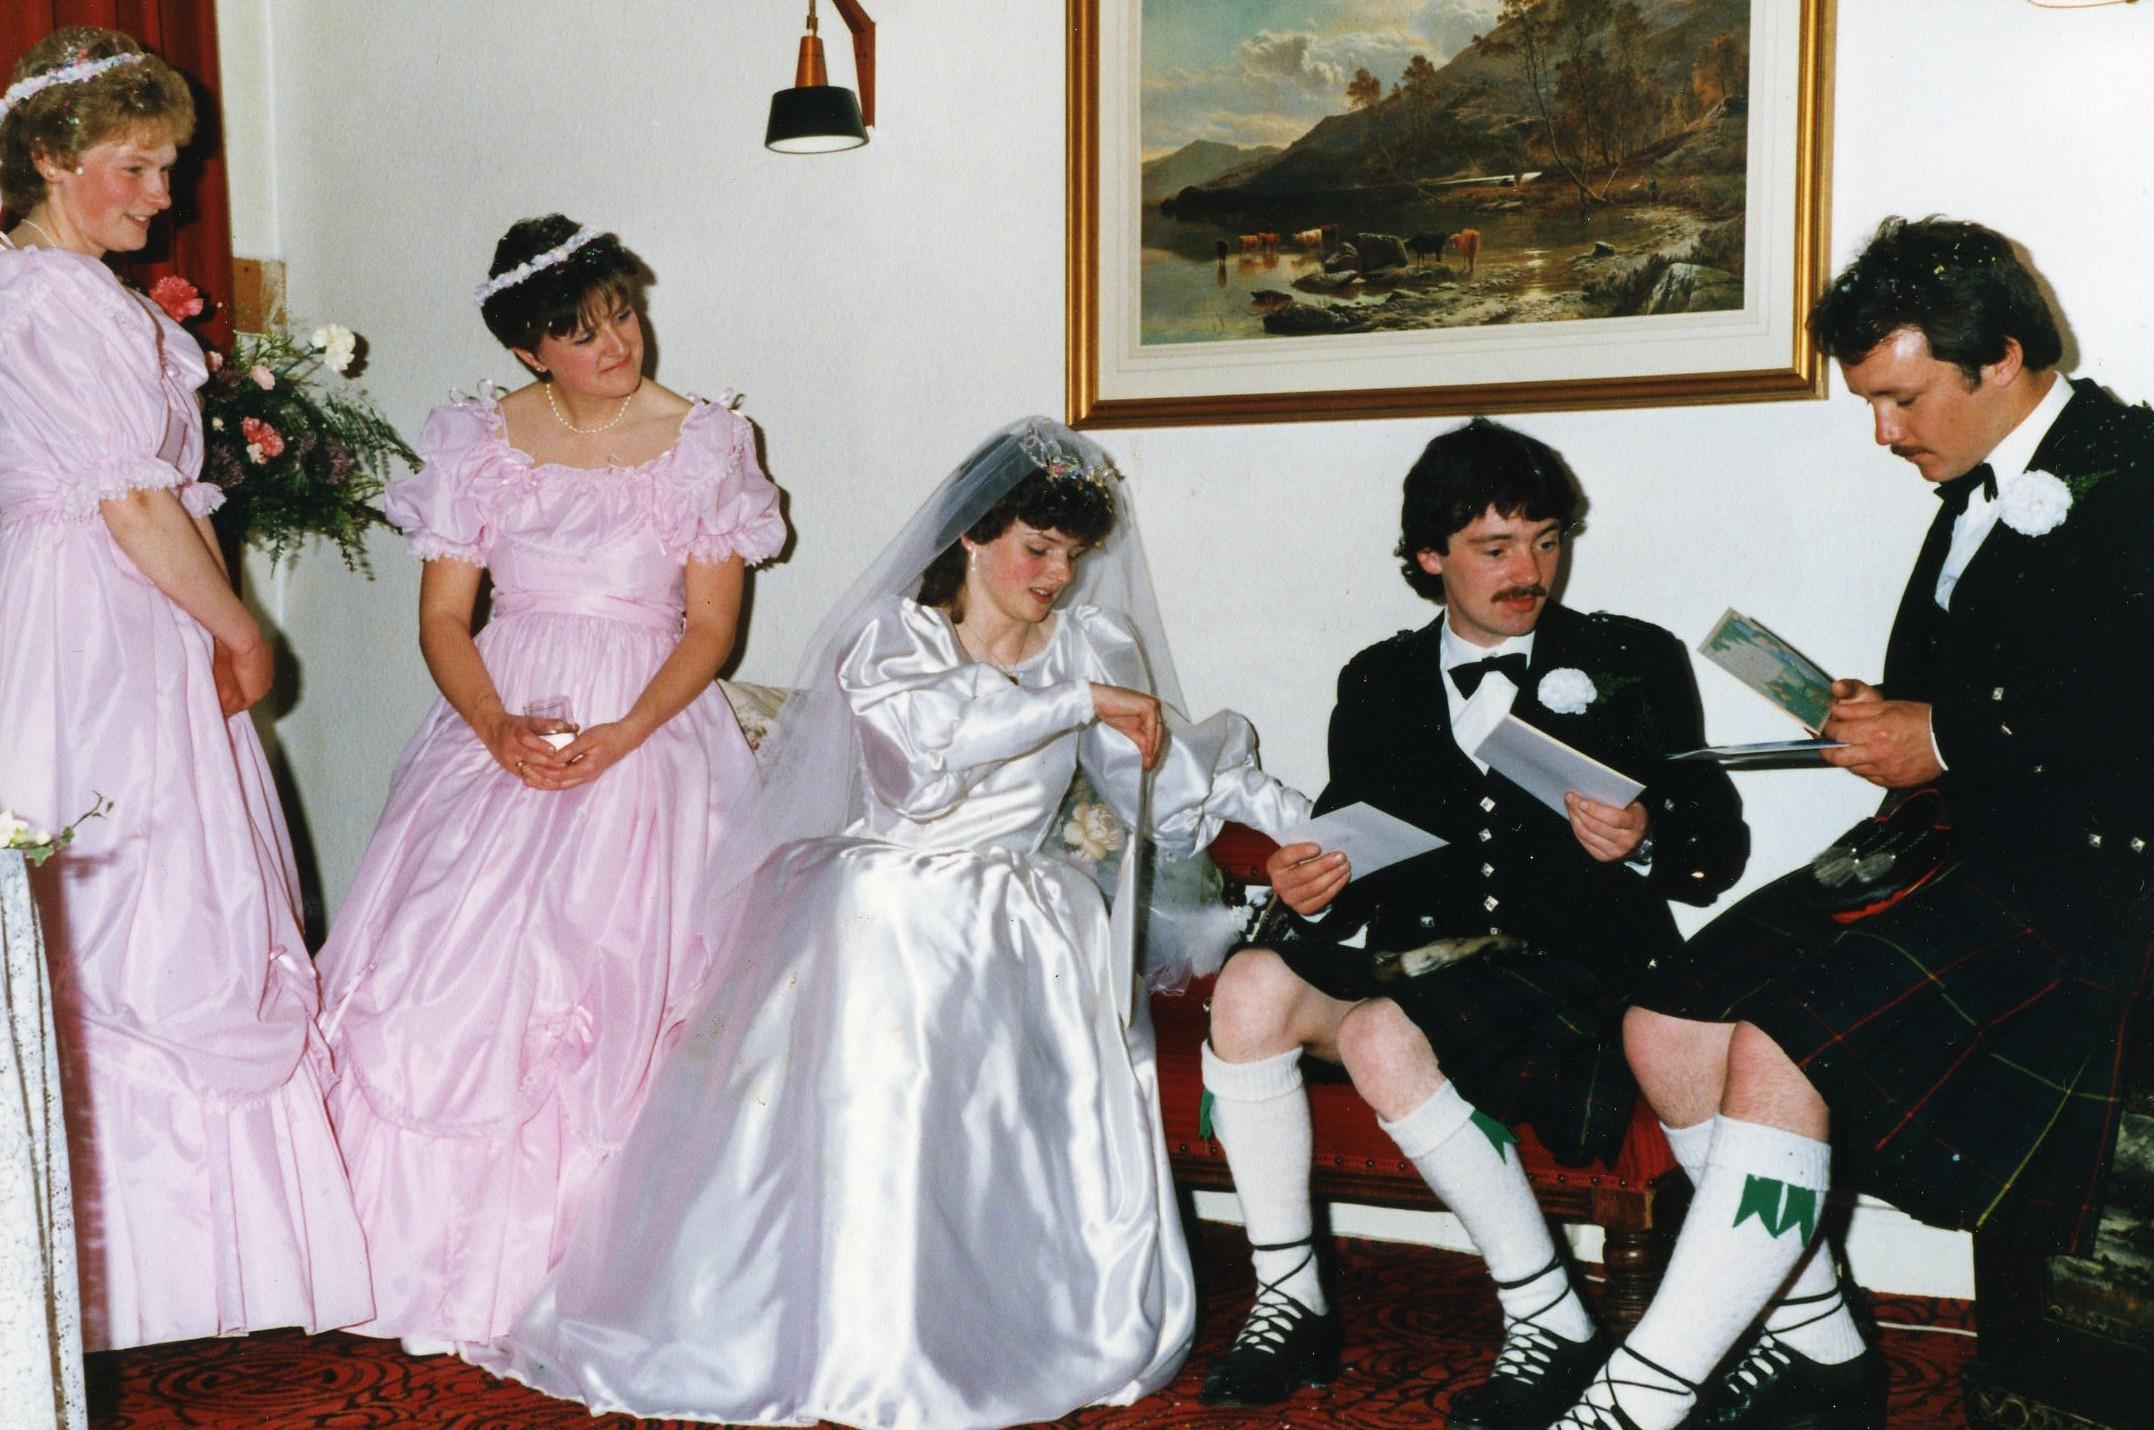 Paul Chalmers & Dot Beattie's  Wedding